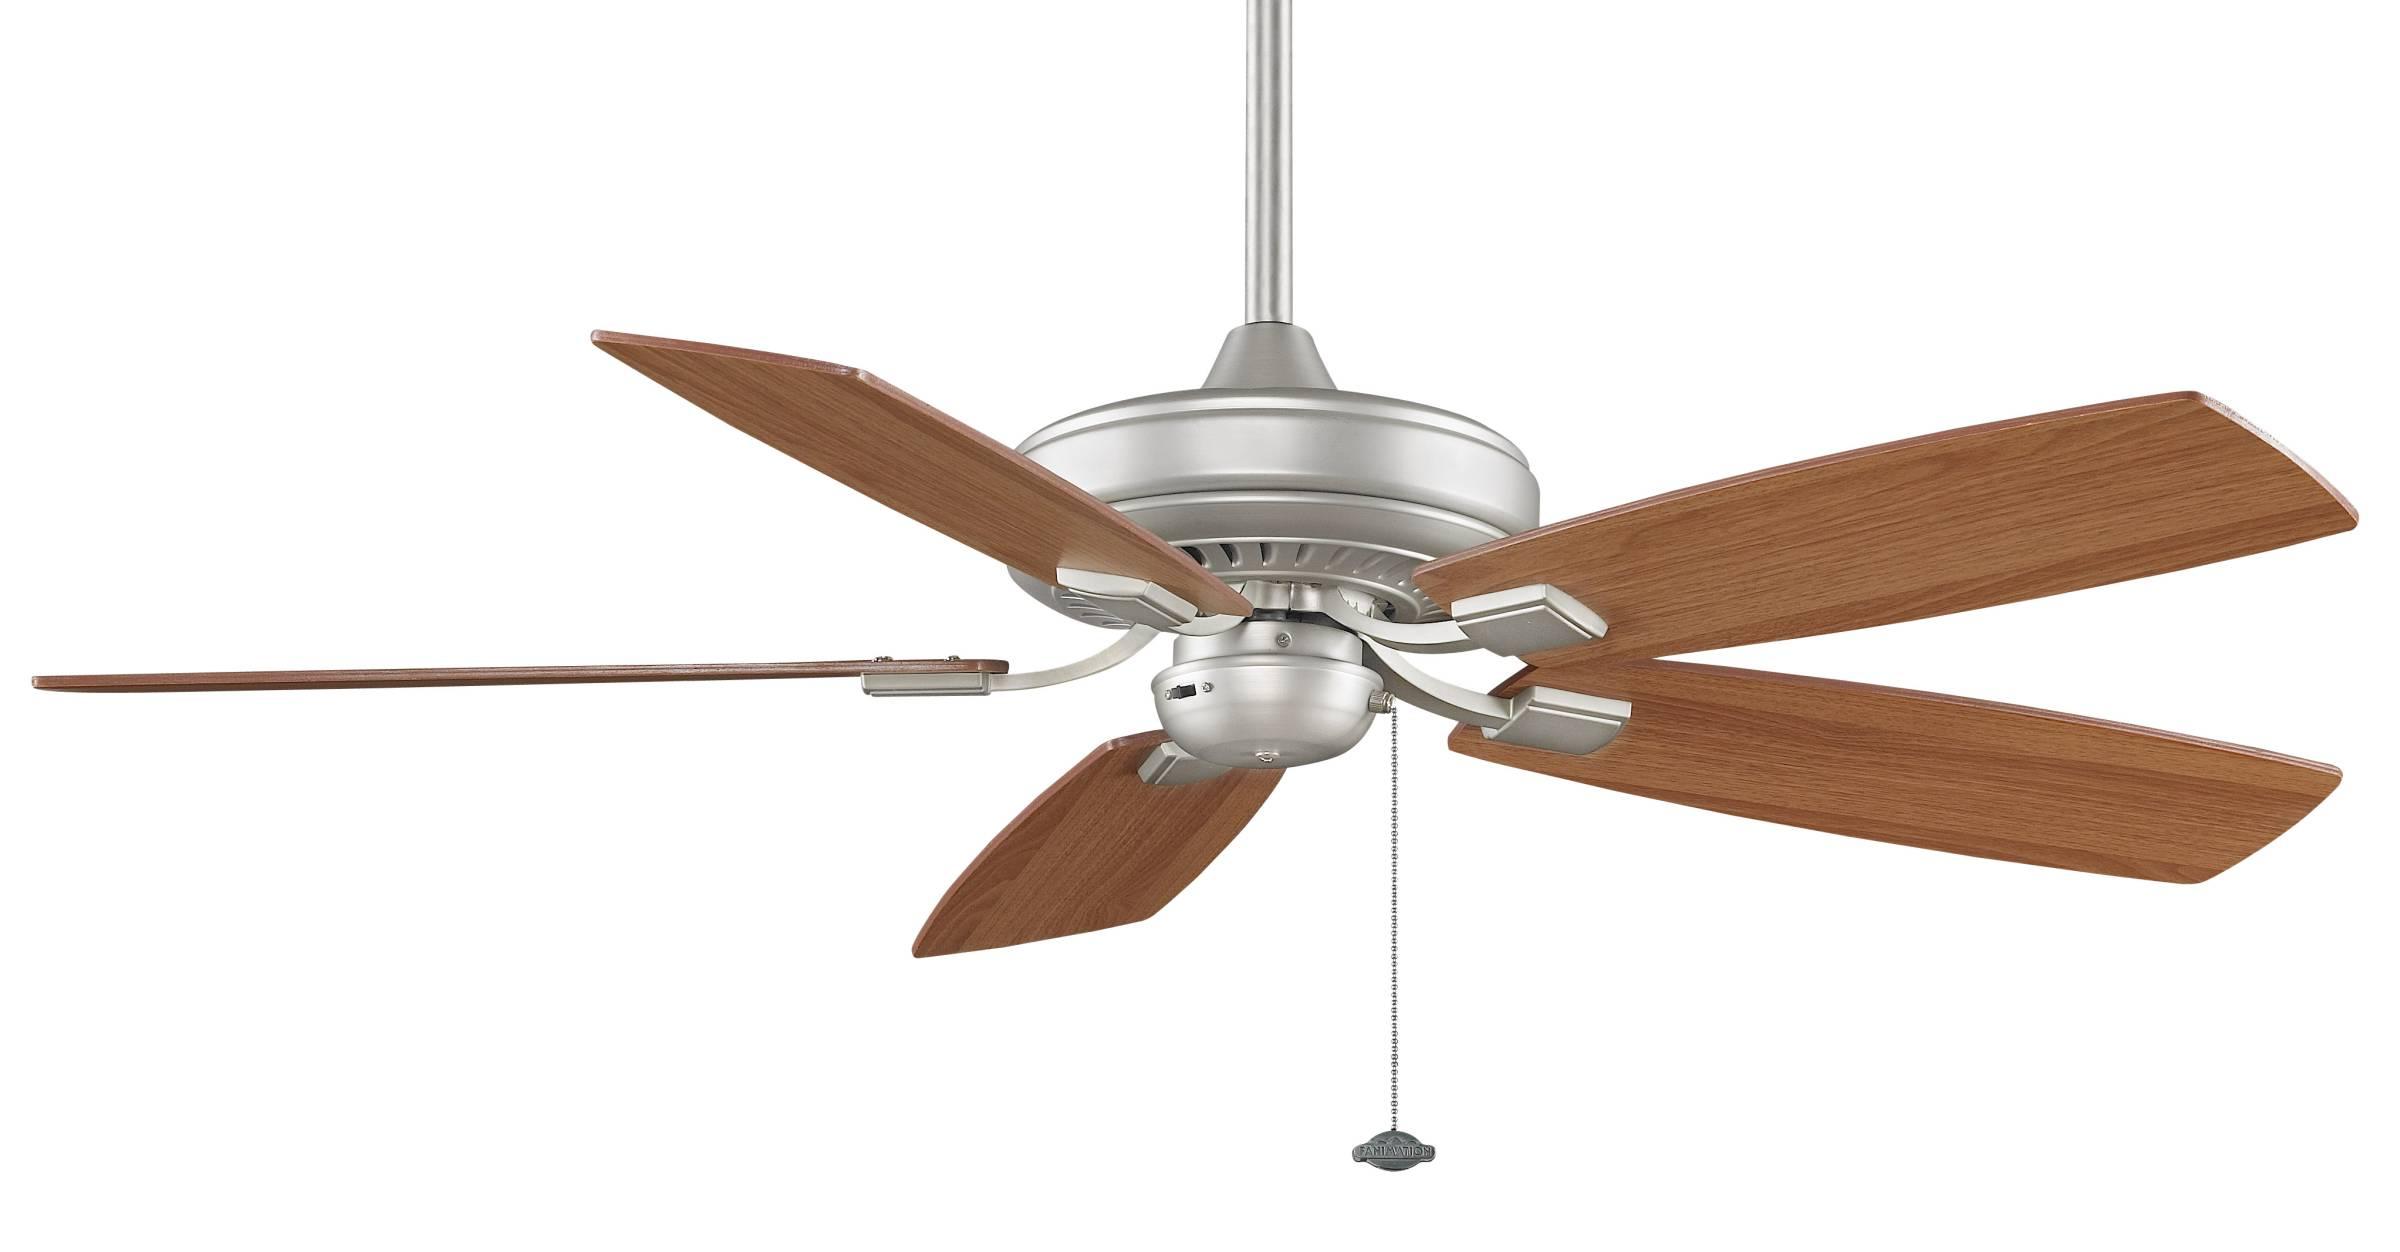 Decorative Ceiling Fans : Decorative ceiling fans tips for buying warisan